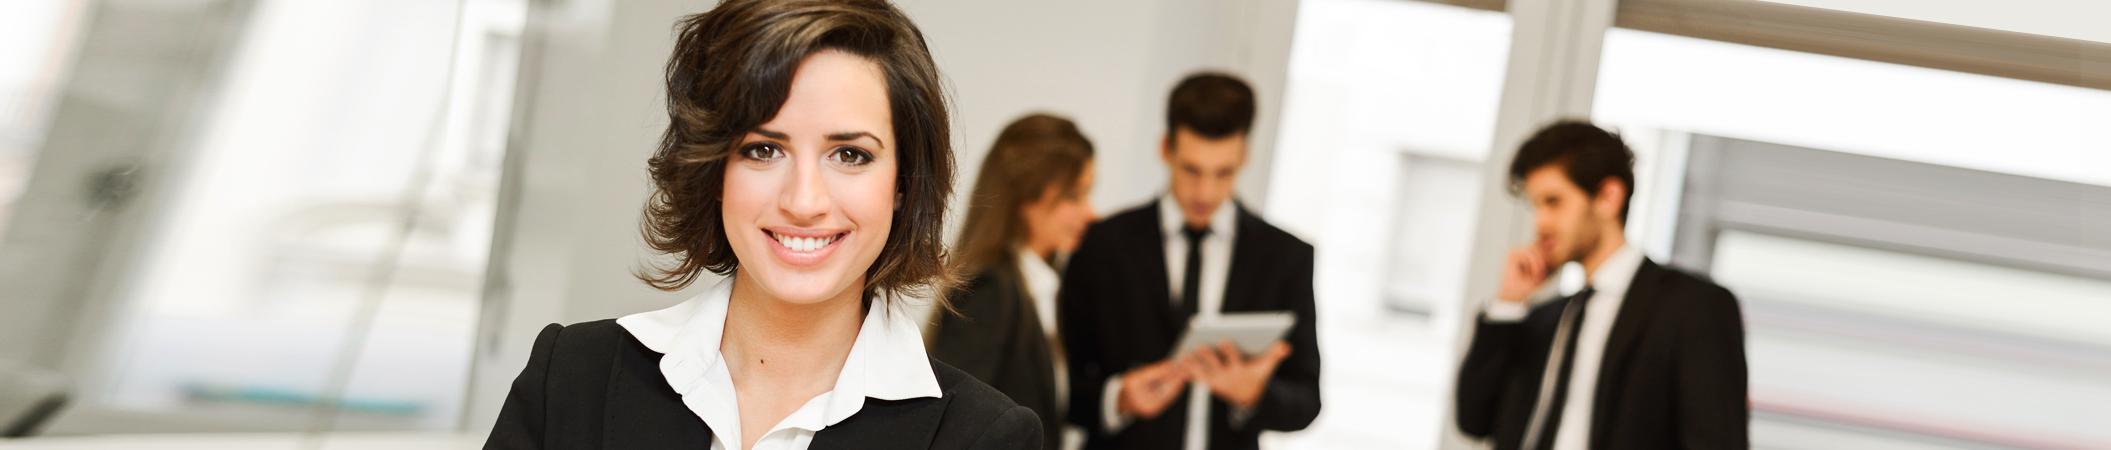 expert-comptable-lievin-somain-experts-comptables-vandermeersch-visuel